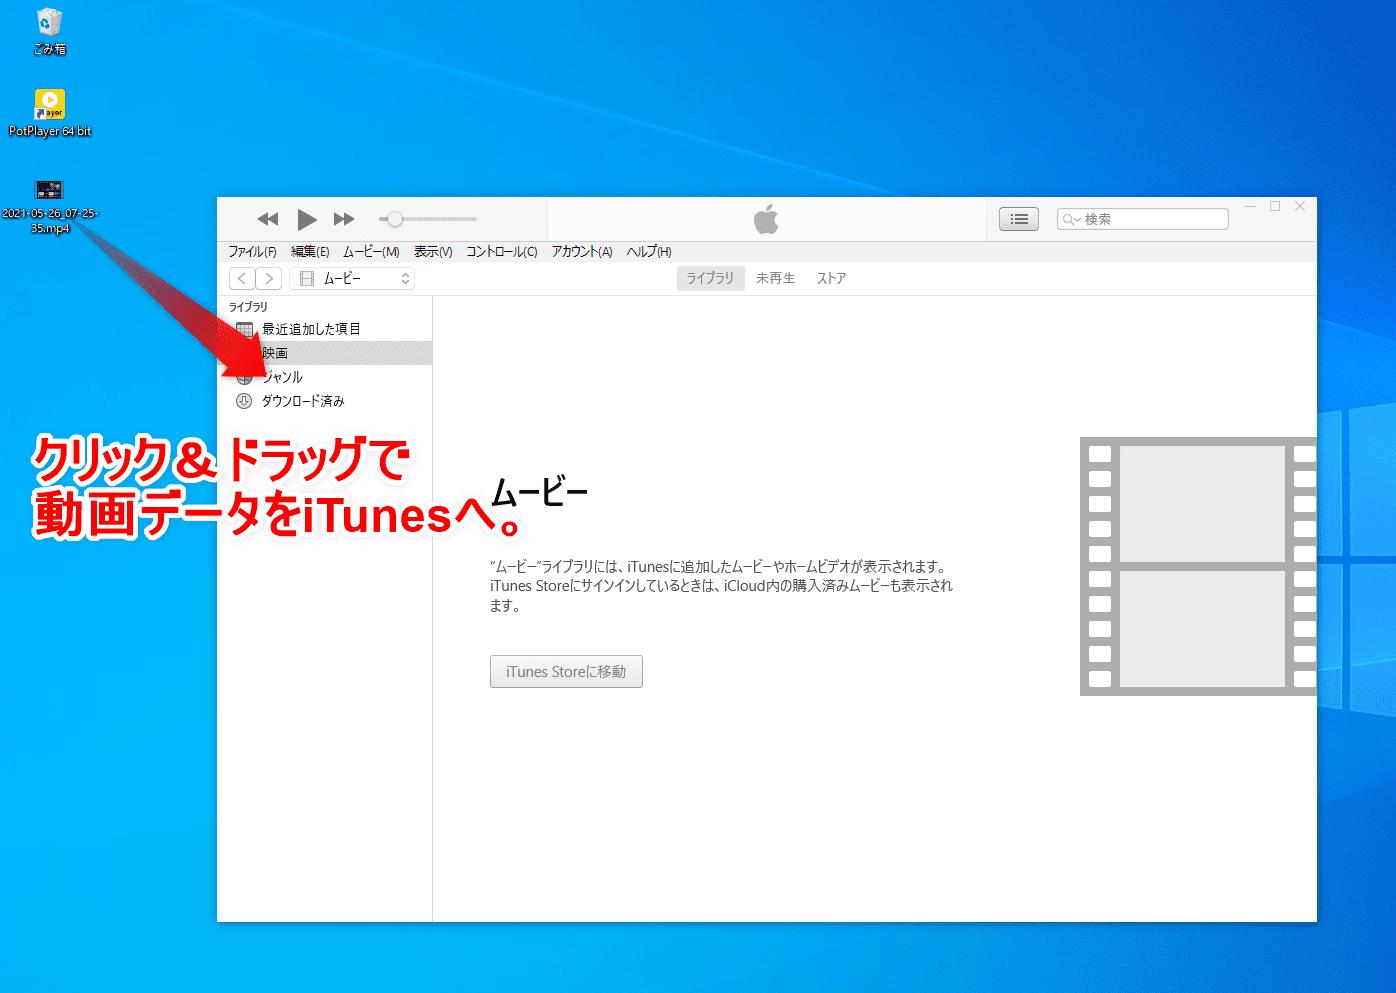 【DAZN録画方法】ライブ配信も録画可能!DAZNの動画コンテンツを画面録画してPCに永久保存する方法|保存動画はスマホ・タブレットでオフライン視聴可能!|録画した動画の視聴方法:そこにiPhoneに入れたい録画した動画データをクリック&ドラッグでiTunesに登録します。